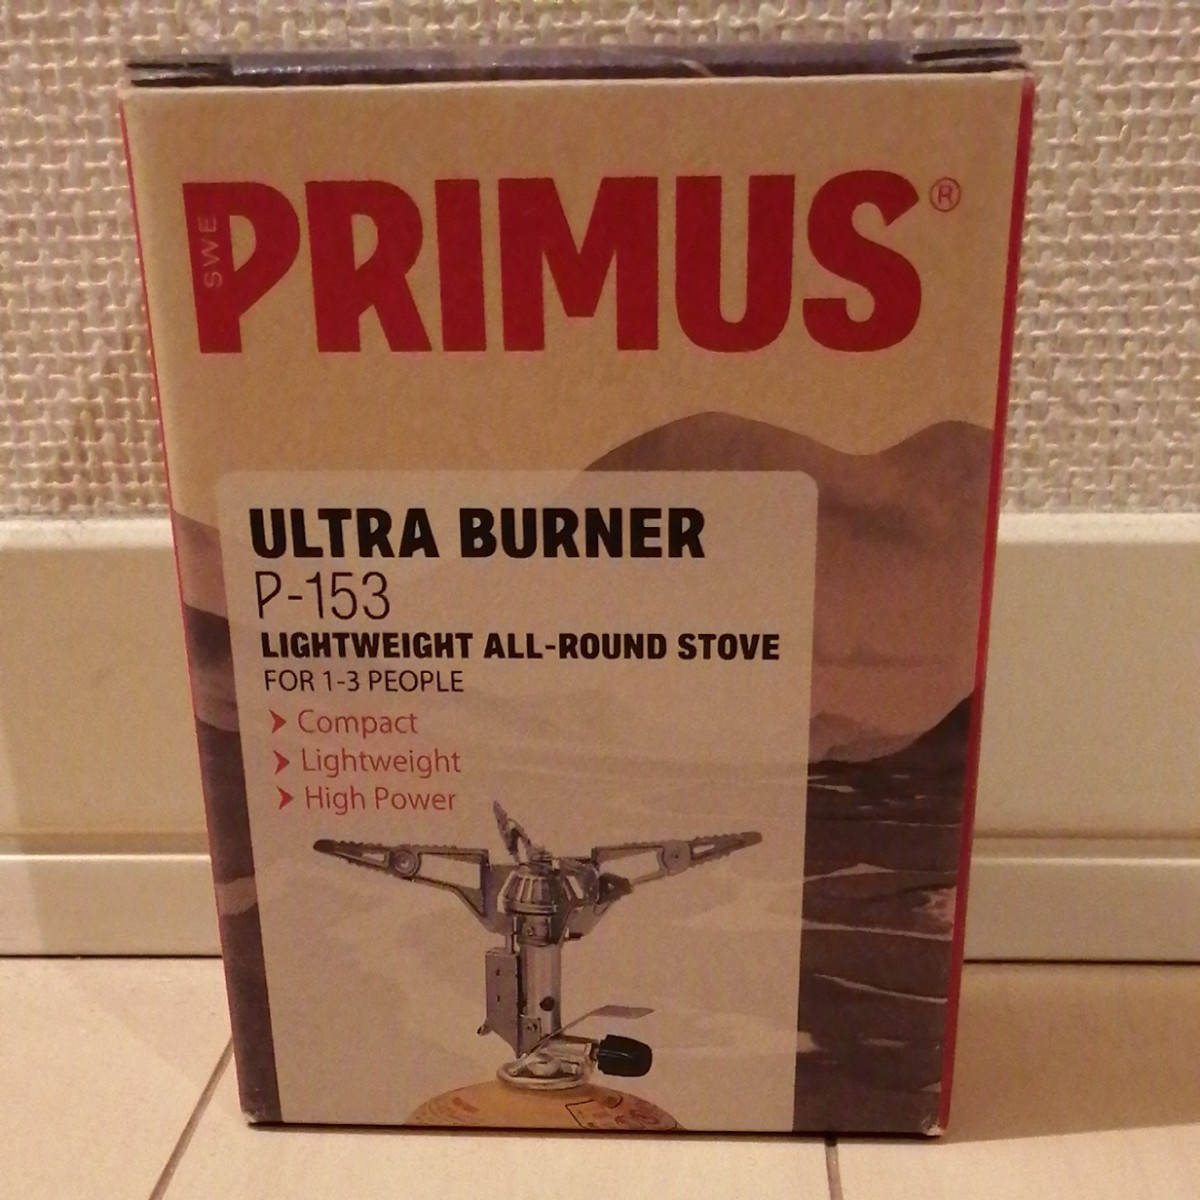 【新品未使用】primus プリムス 153ウルトラバーナー P-153 シングルバーナーコンロ アウトドア 釣り キャンプ